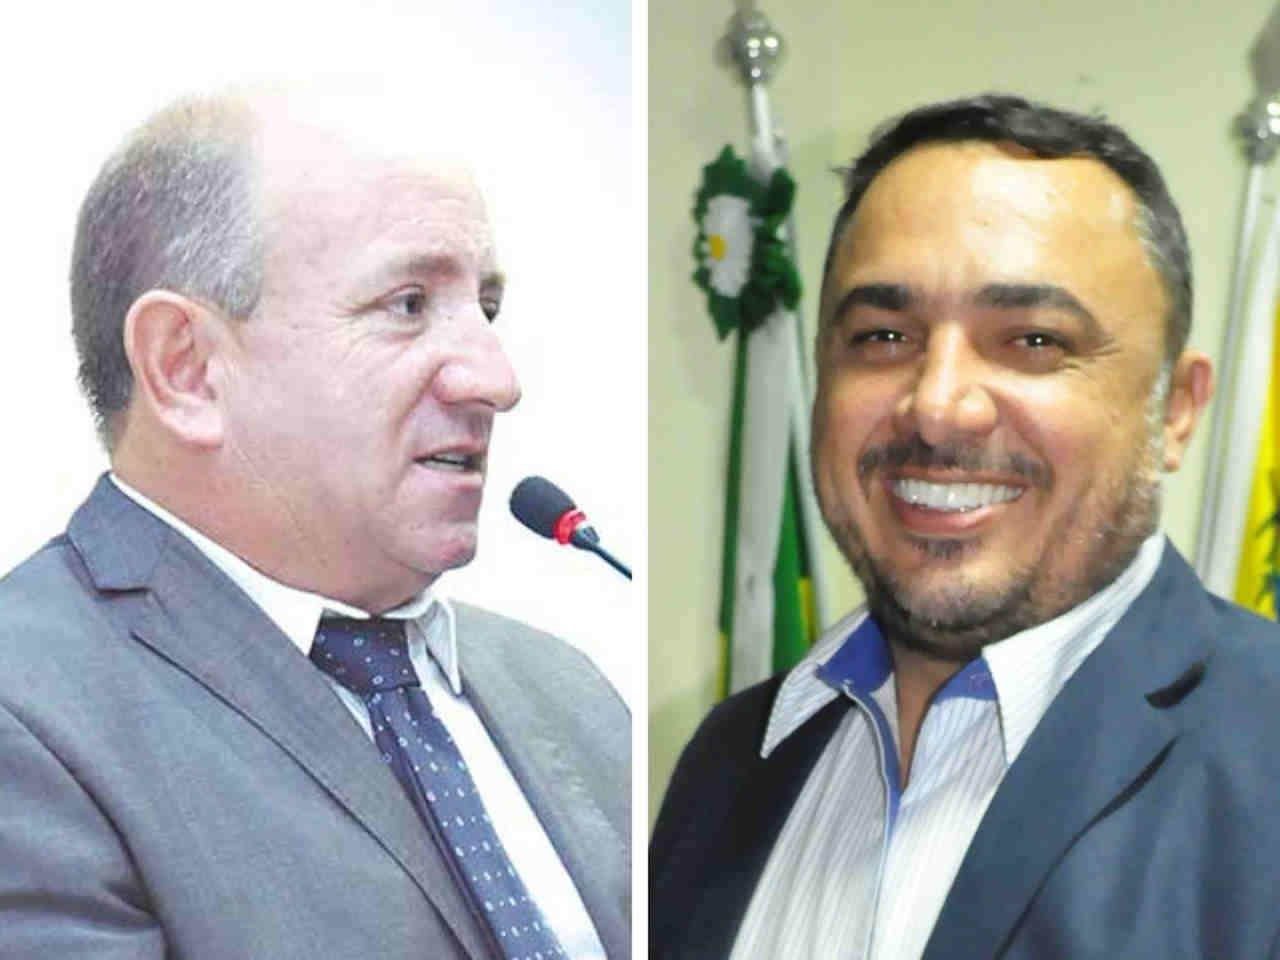 Inicia articulação para escolher nova presidência da Câmara de Aparecida entre Vilmarzin (MDB) e André Fortaleza (PRTB) | Foto: Montagem